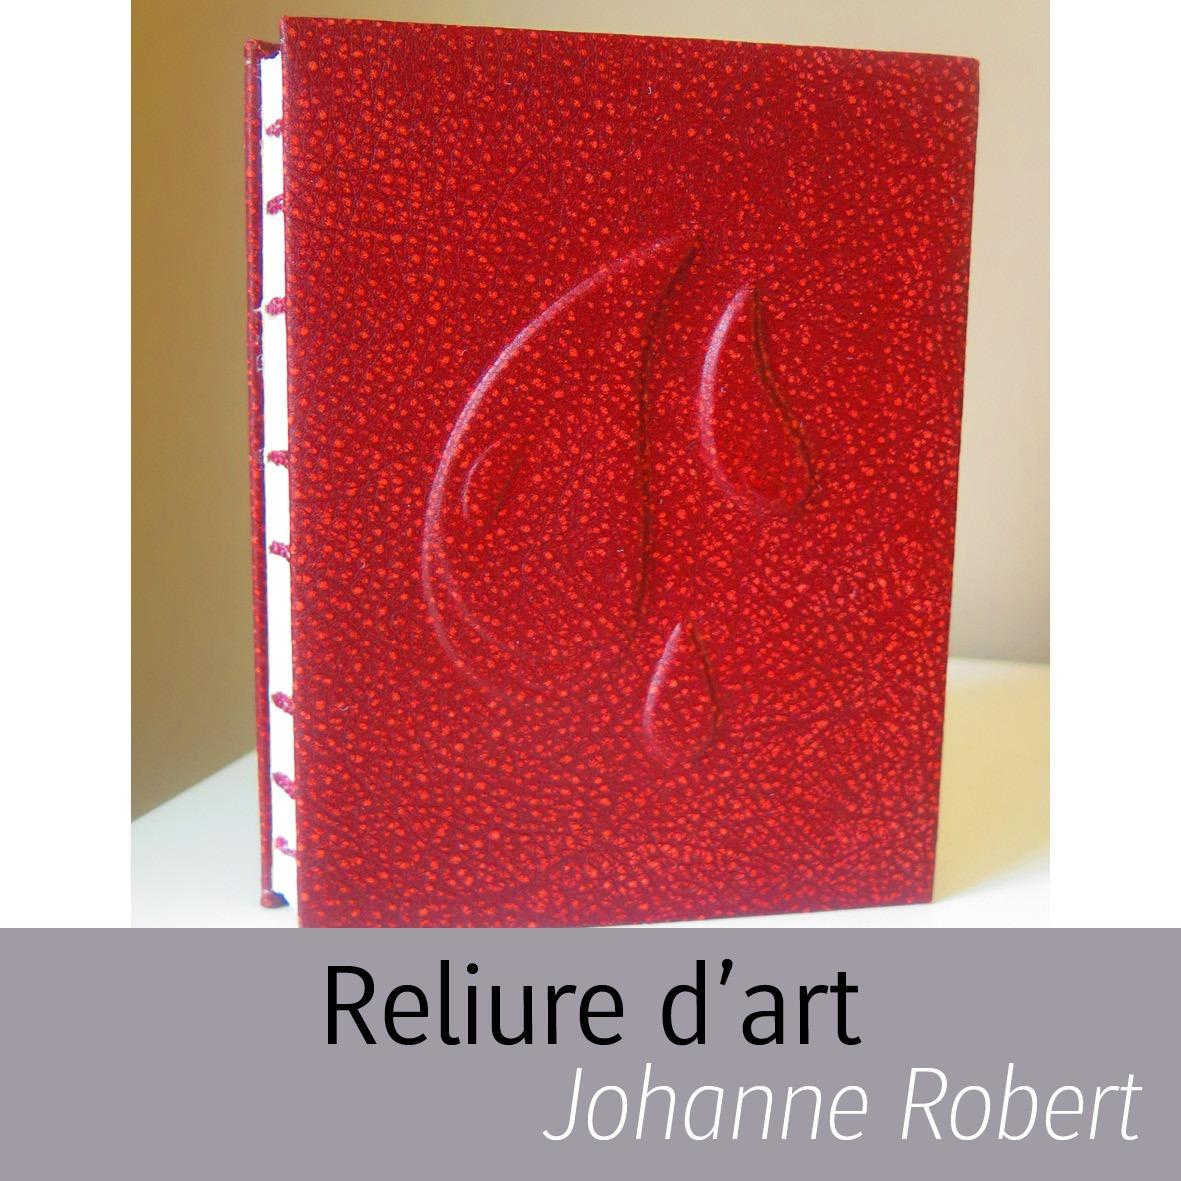 Reliure d'art Johanne Robert